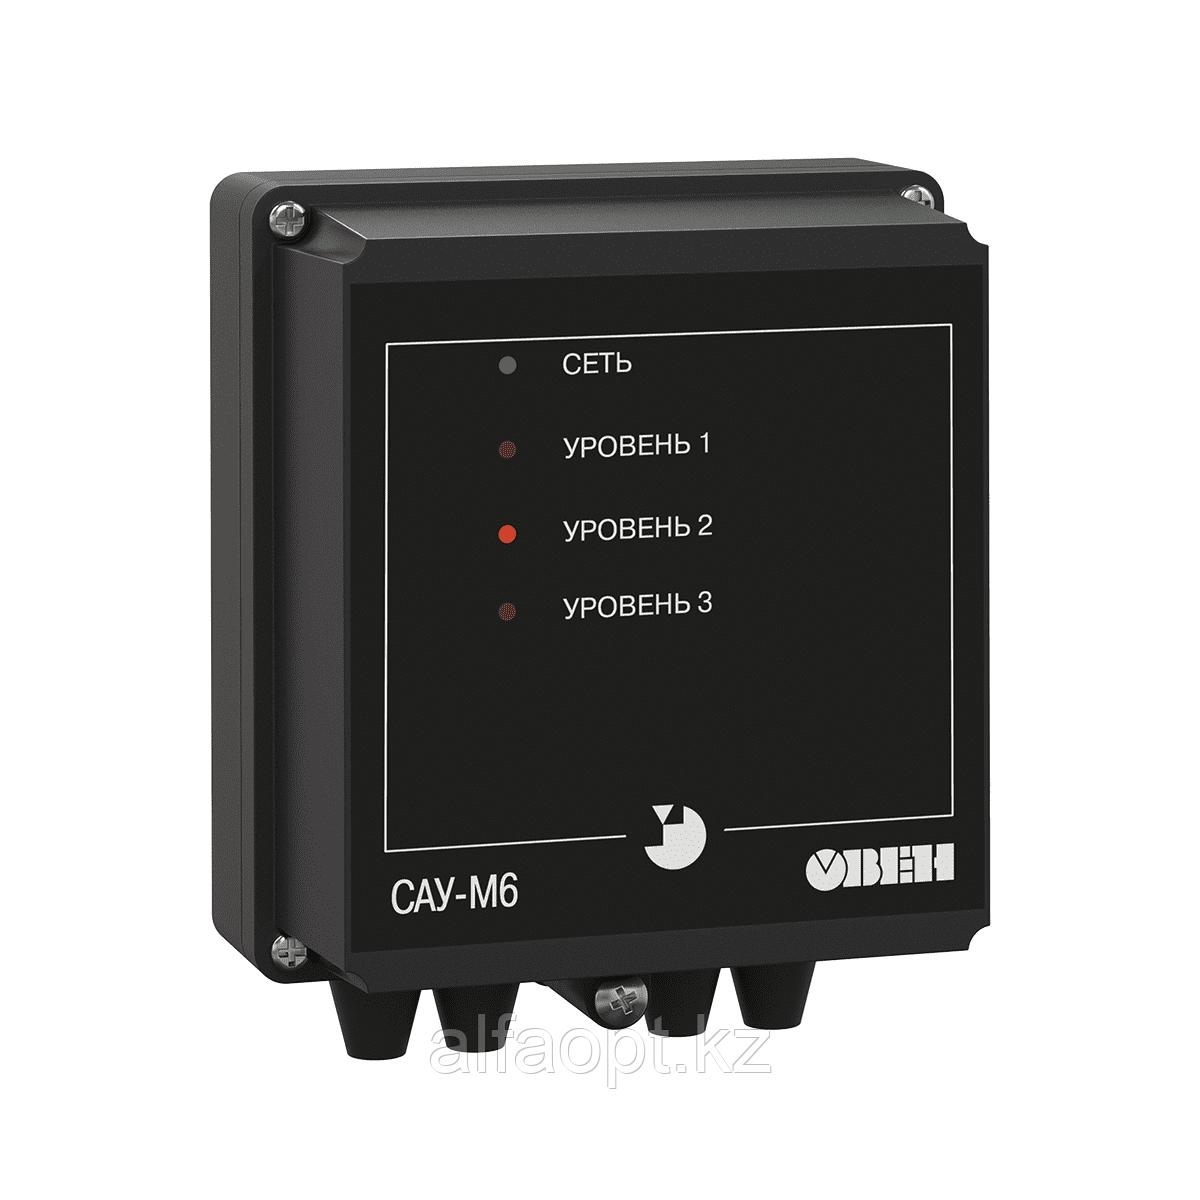 Трехканальный сигнализатор уровня жидкости САУ-М6